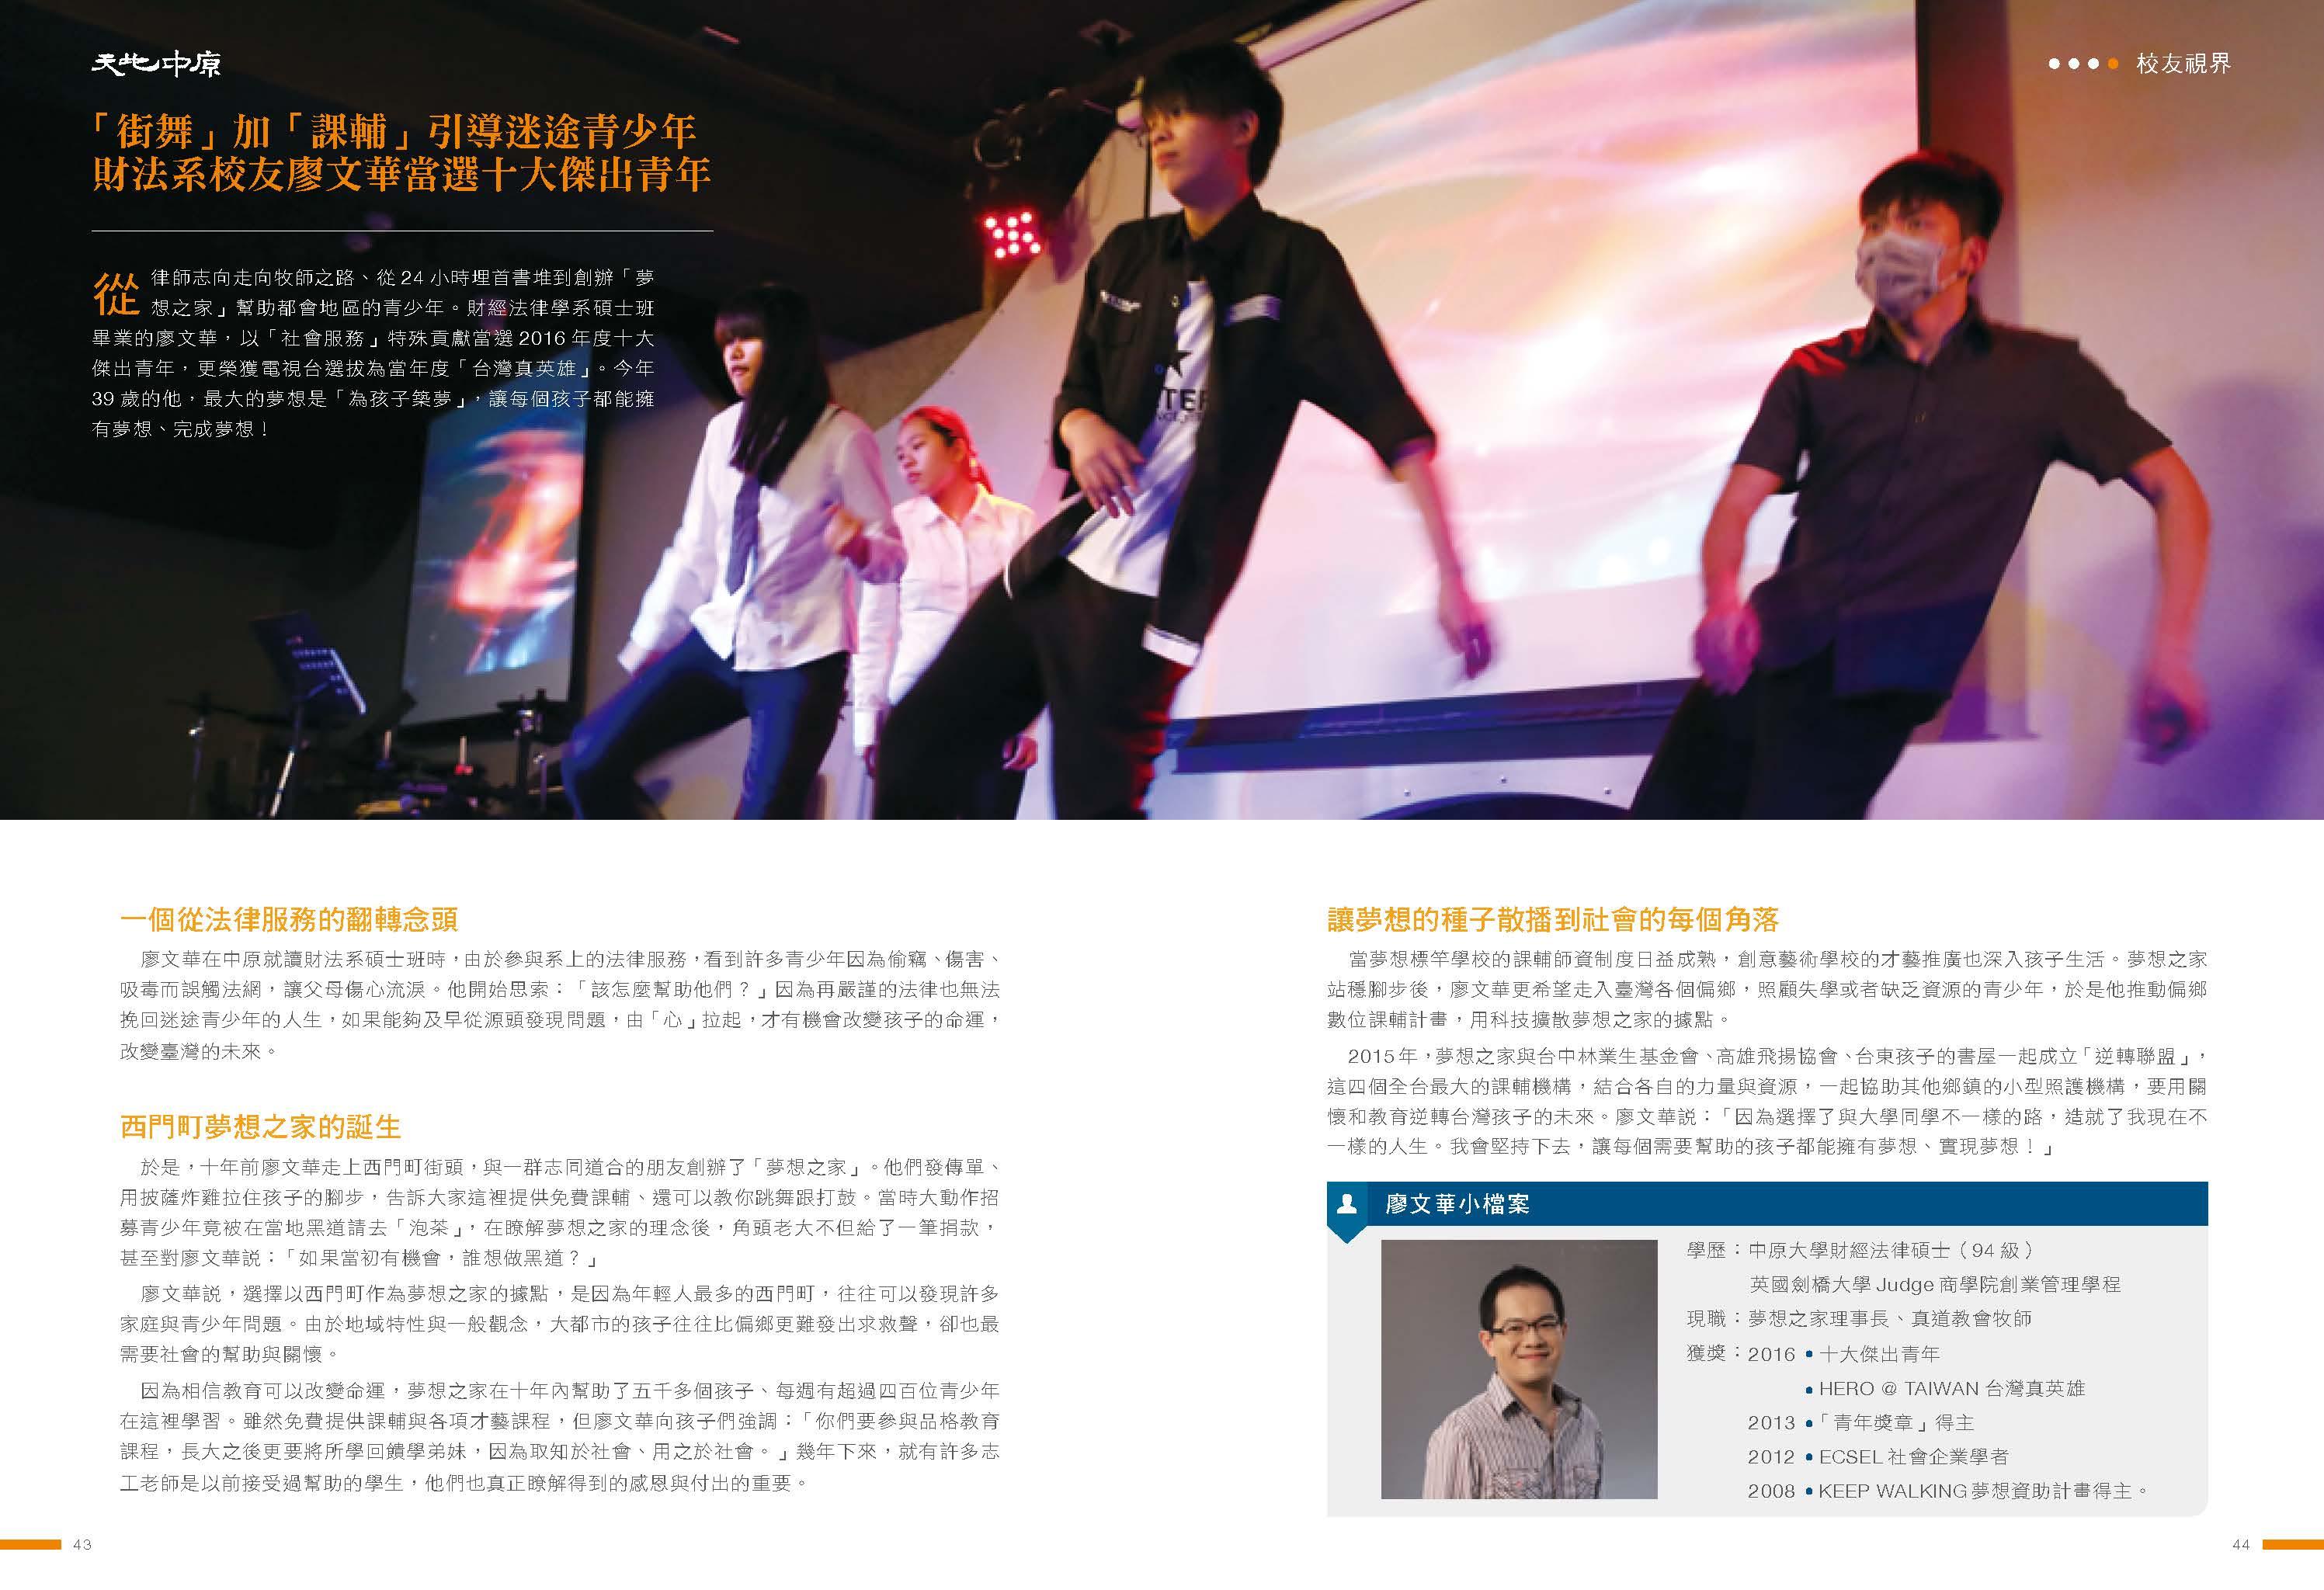 「街舞」加「課輔」引導迷途青少年 財法系校友廖文華當選十大傑出青年